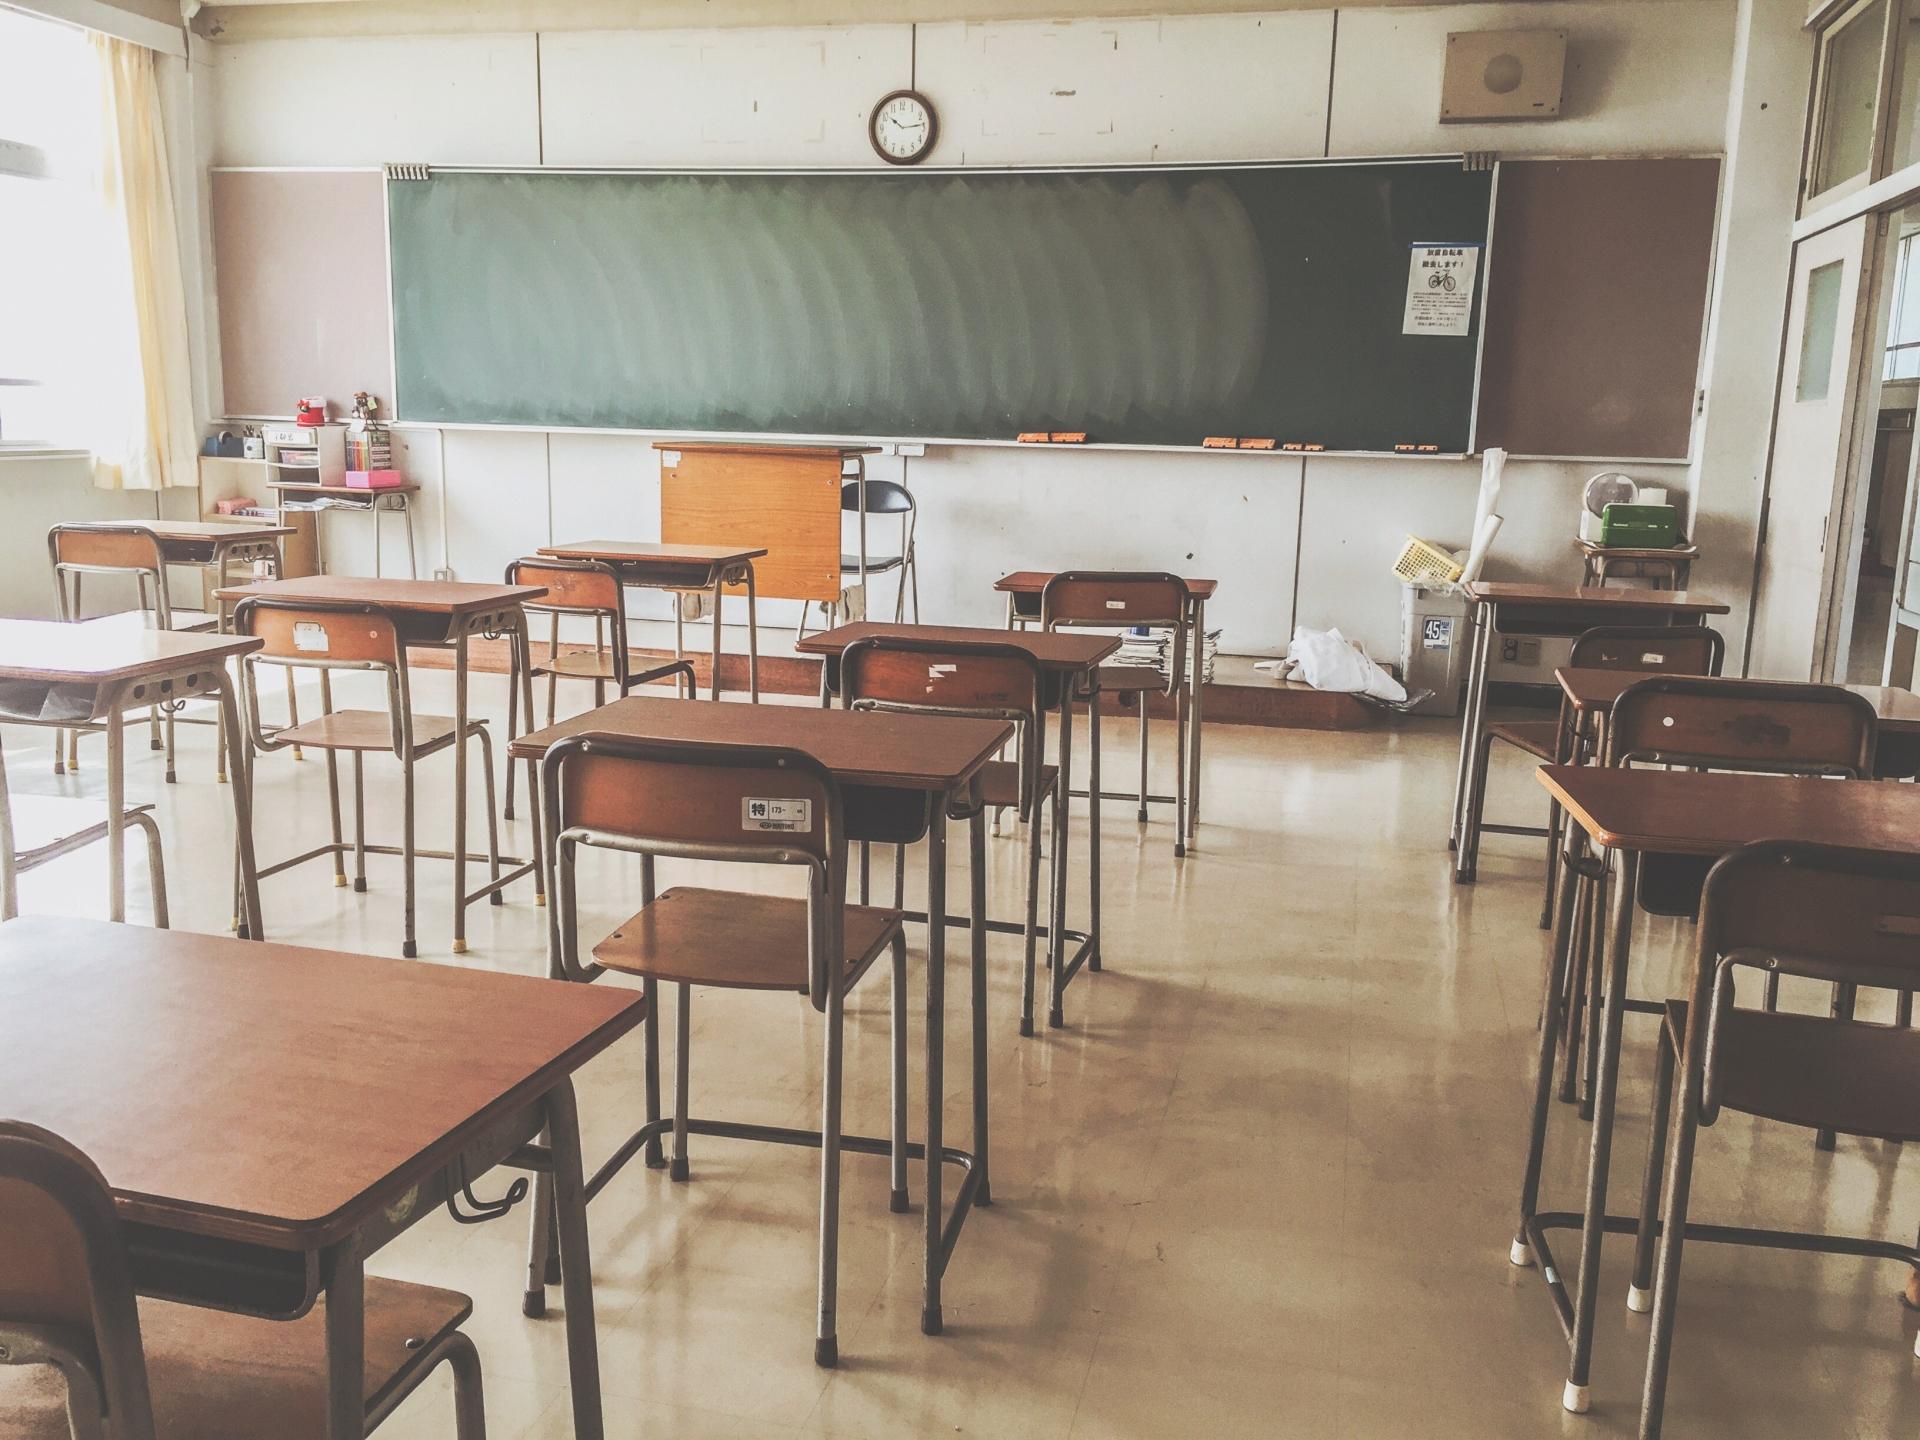 「友食い教室 」とは・・・